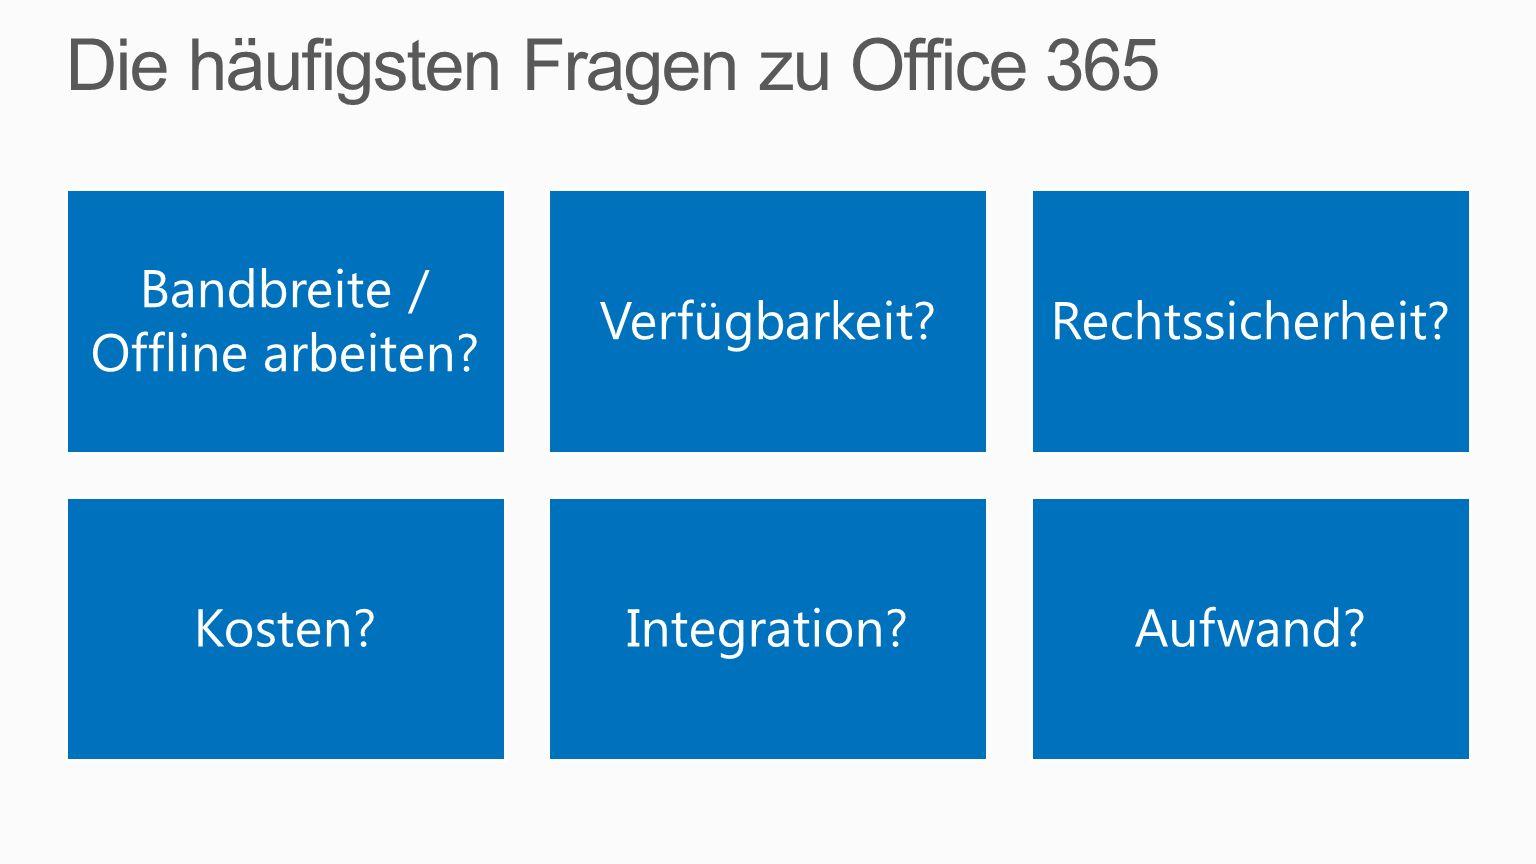 Die häufigsten Fragen zu Office 365